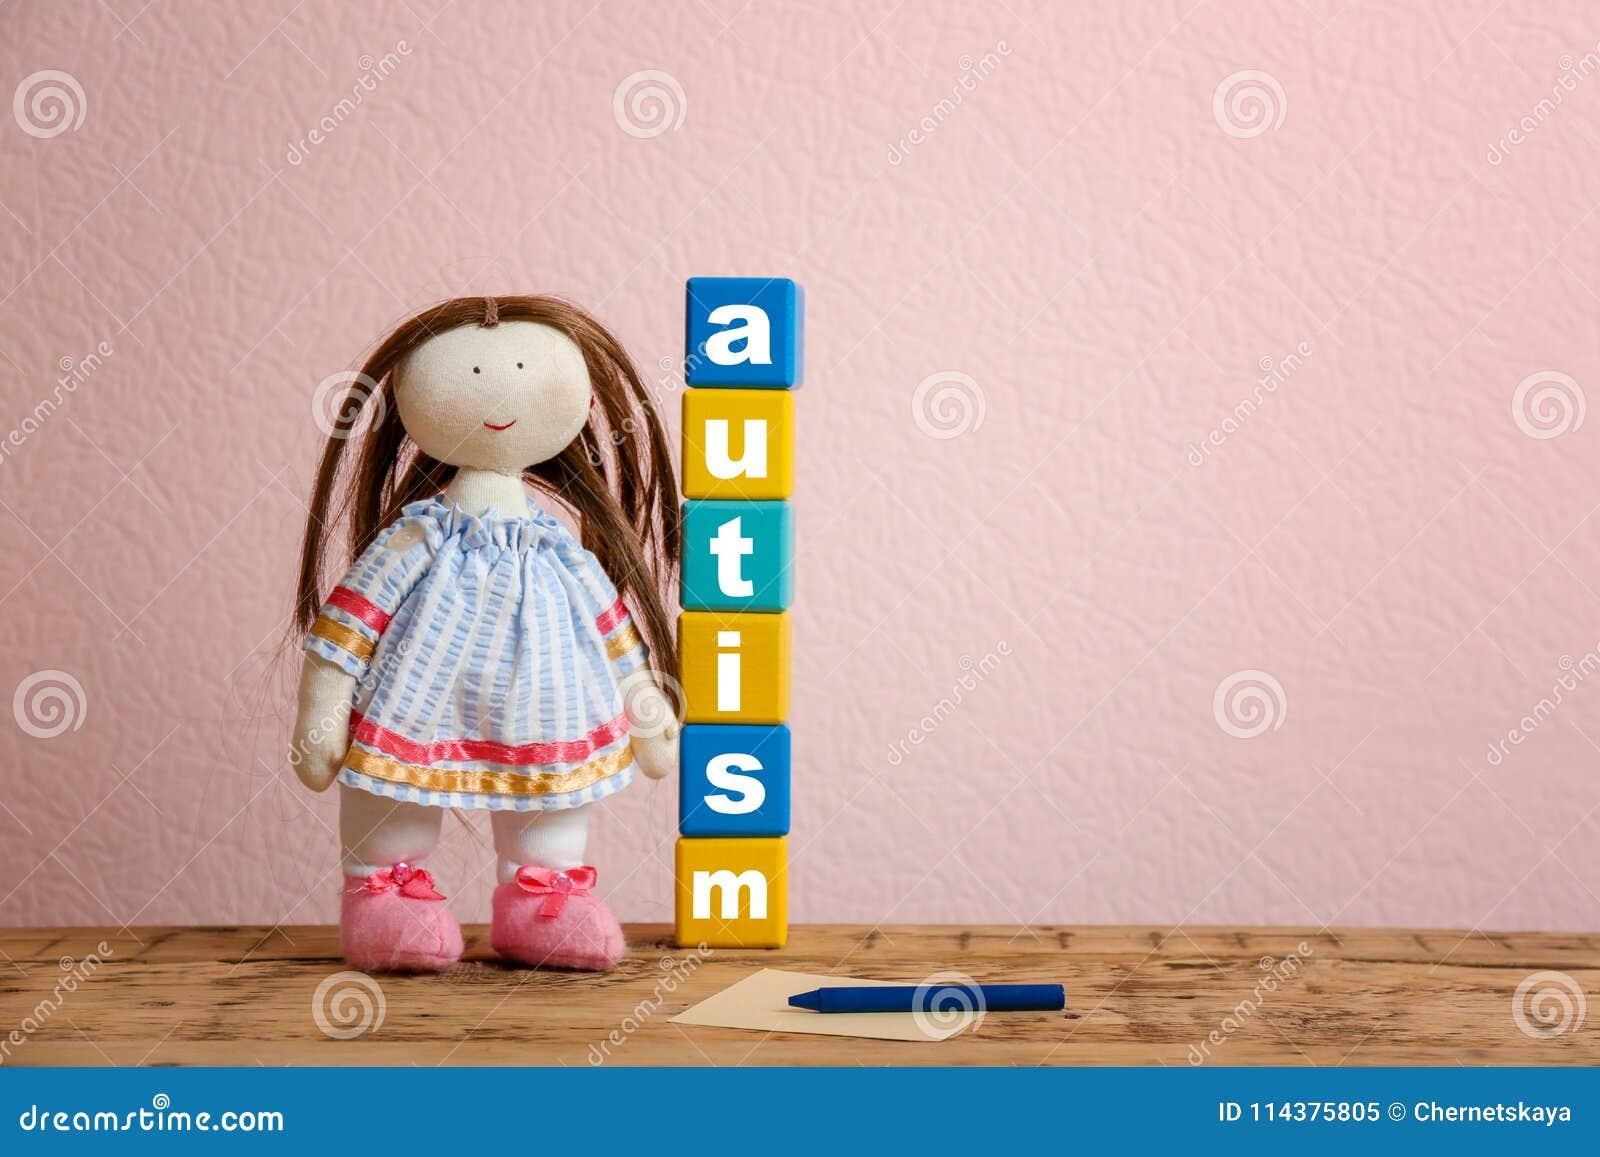 玩偶和立方体与词